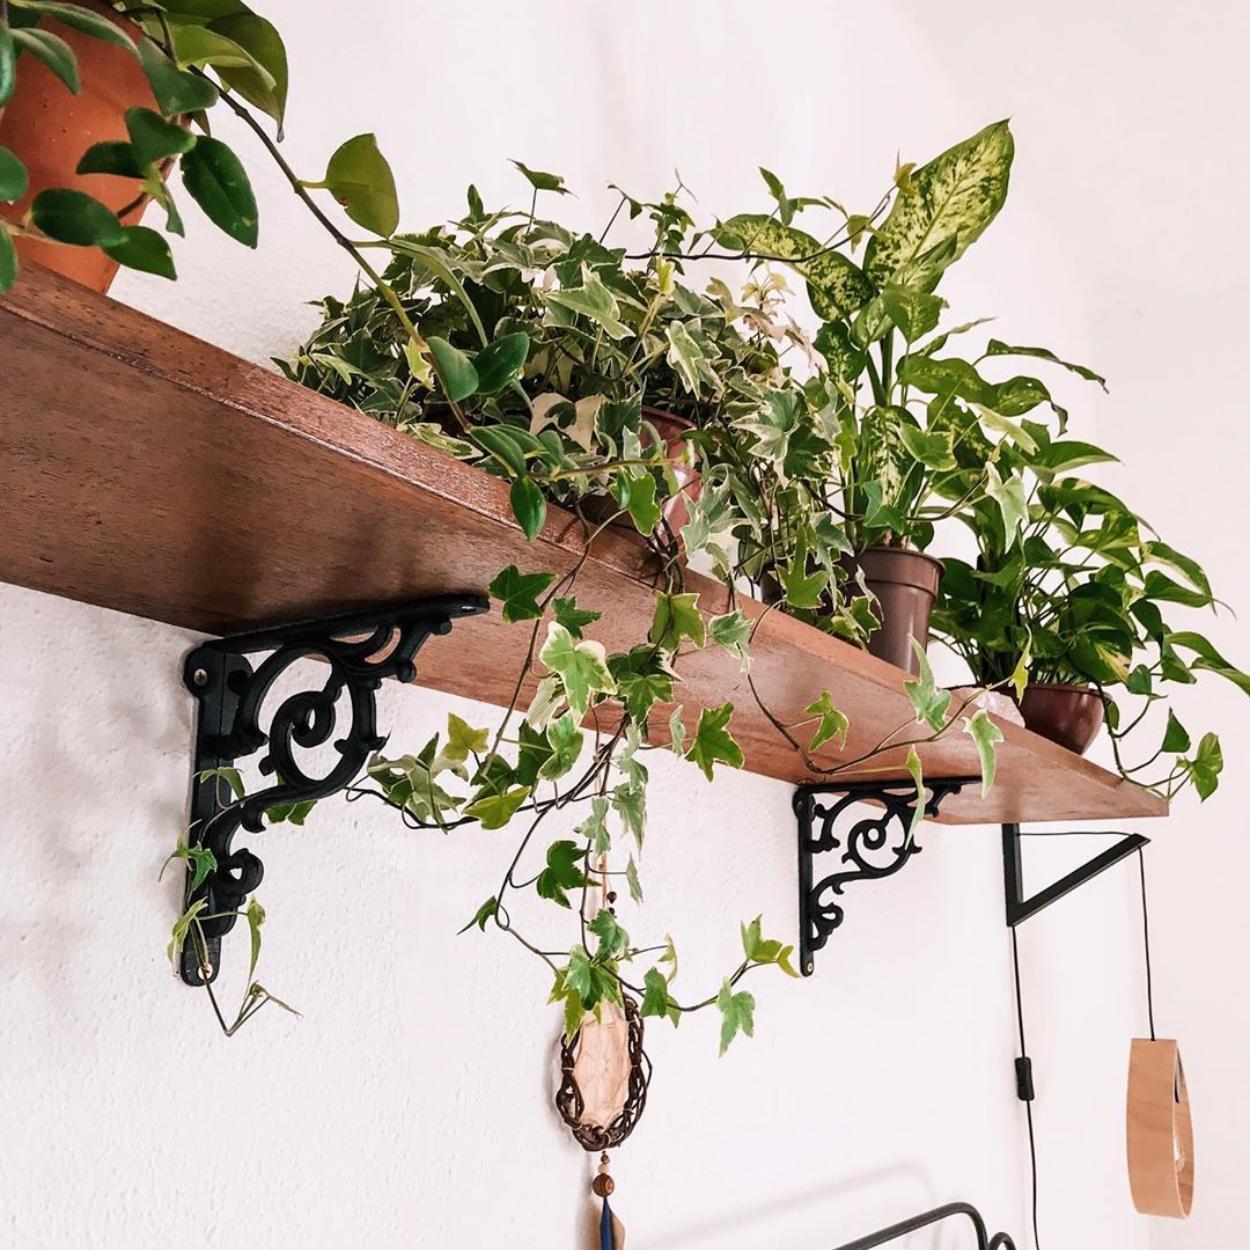 Planta jiboia em cima de uma prateleira